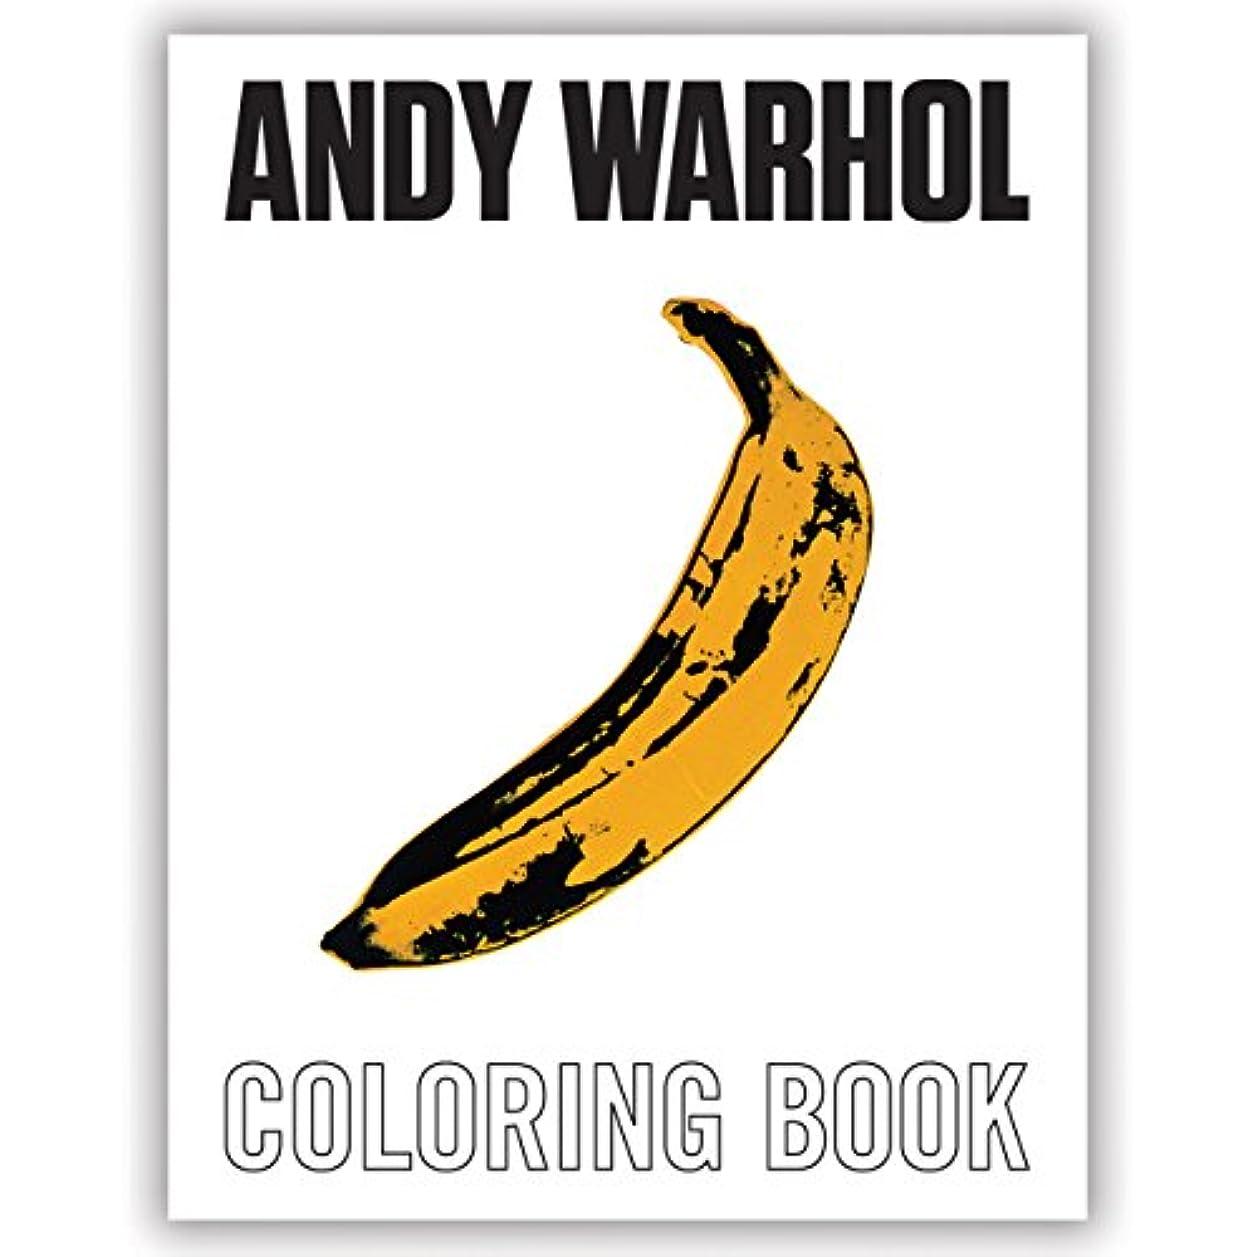 ダンス極端なサーキュレーションMudpuppy (マッドパピー) アンディウォーホル Andy Warhol ぬり絵 Coloring Book カラーリングブック 32作品 アンディウォーホール 242×311mm